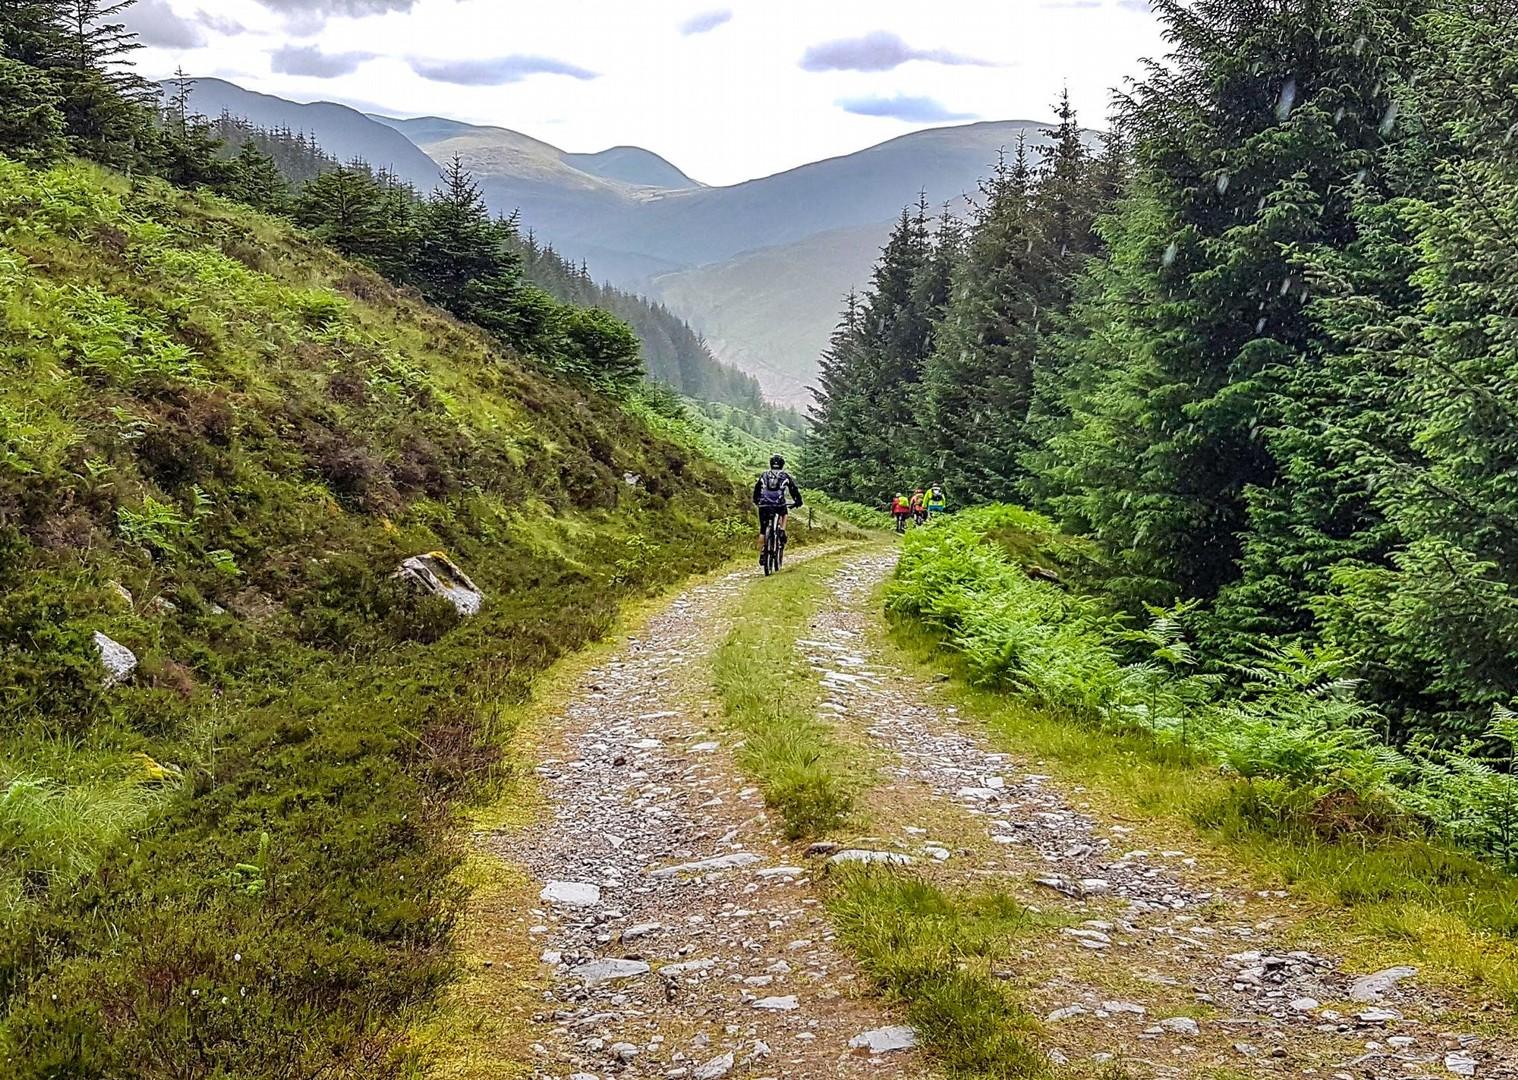 Pe un drum forestier din Scoția